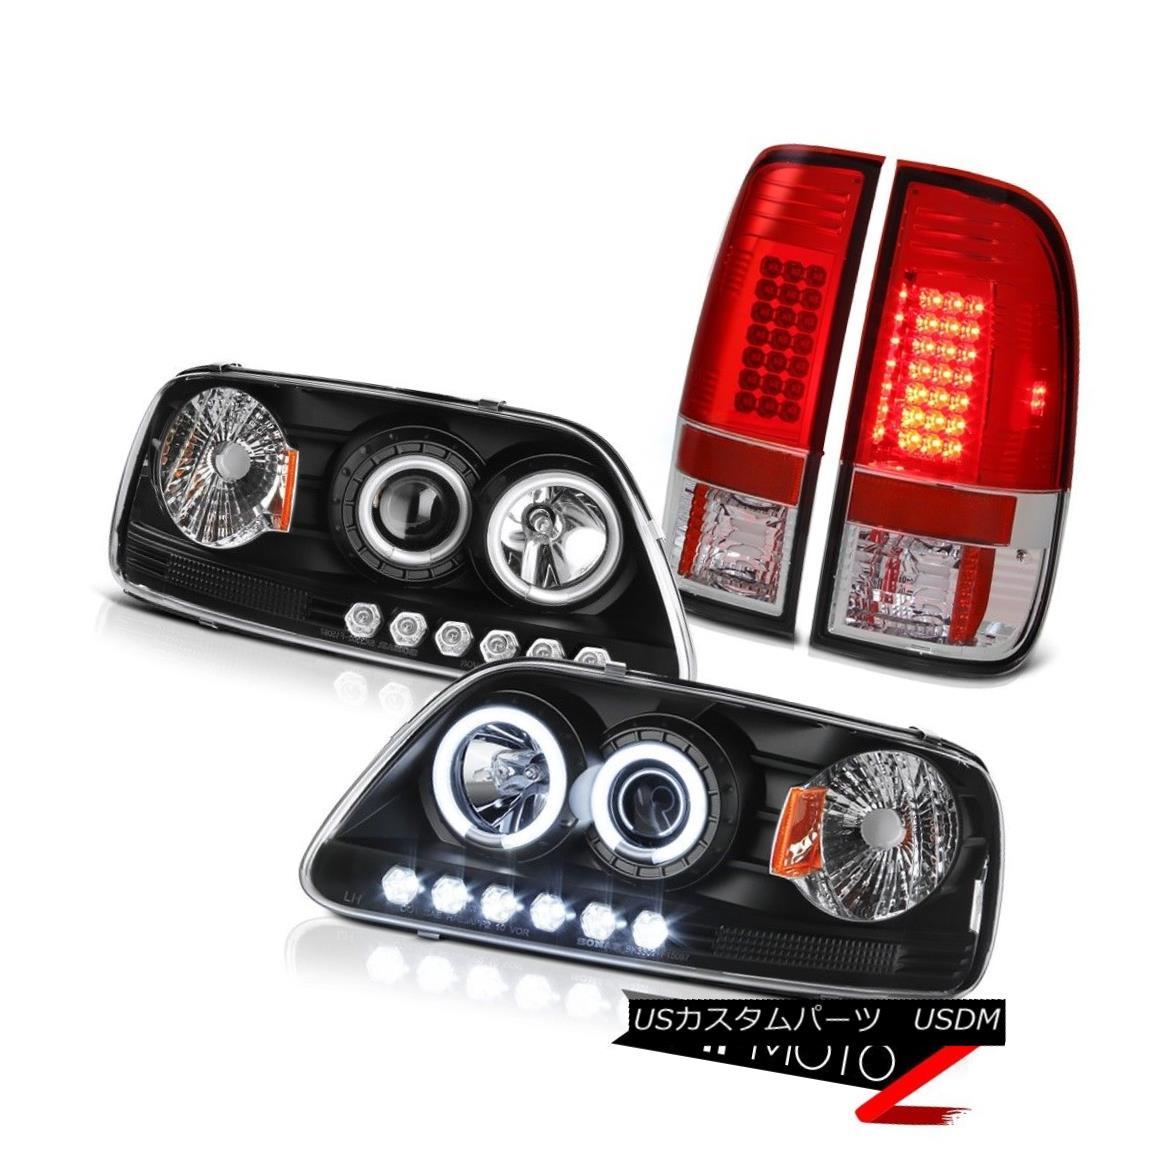 ヘッドライト F150 Triton 2001 2002 2003 CCFL Angel Eye Halo Headlight BRIGHTEST LED Tail Lamp F150トリトン2001 2002 2003 CCFLエンジェルアイハローヘッドライトBRIGHTEST LEDテールランプ